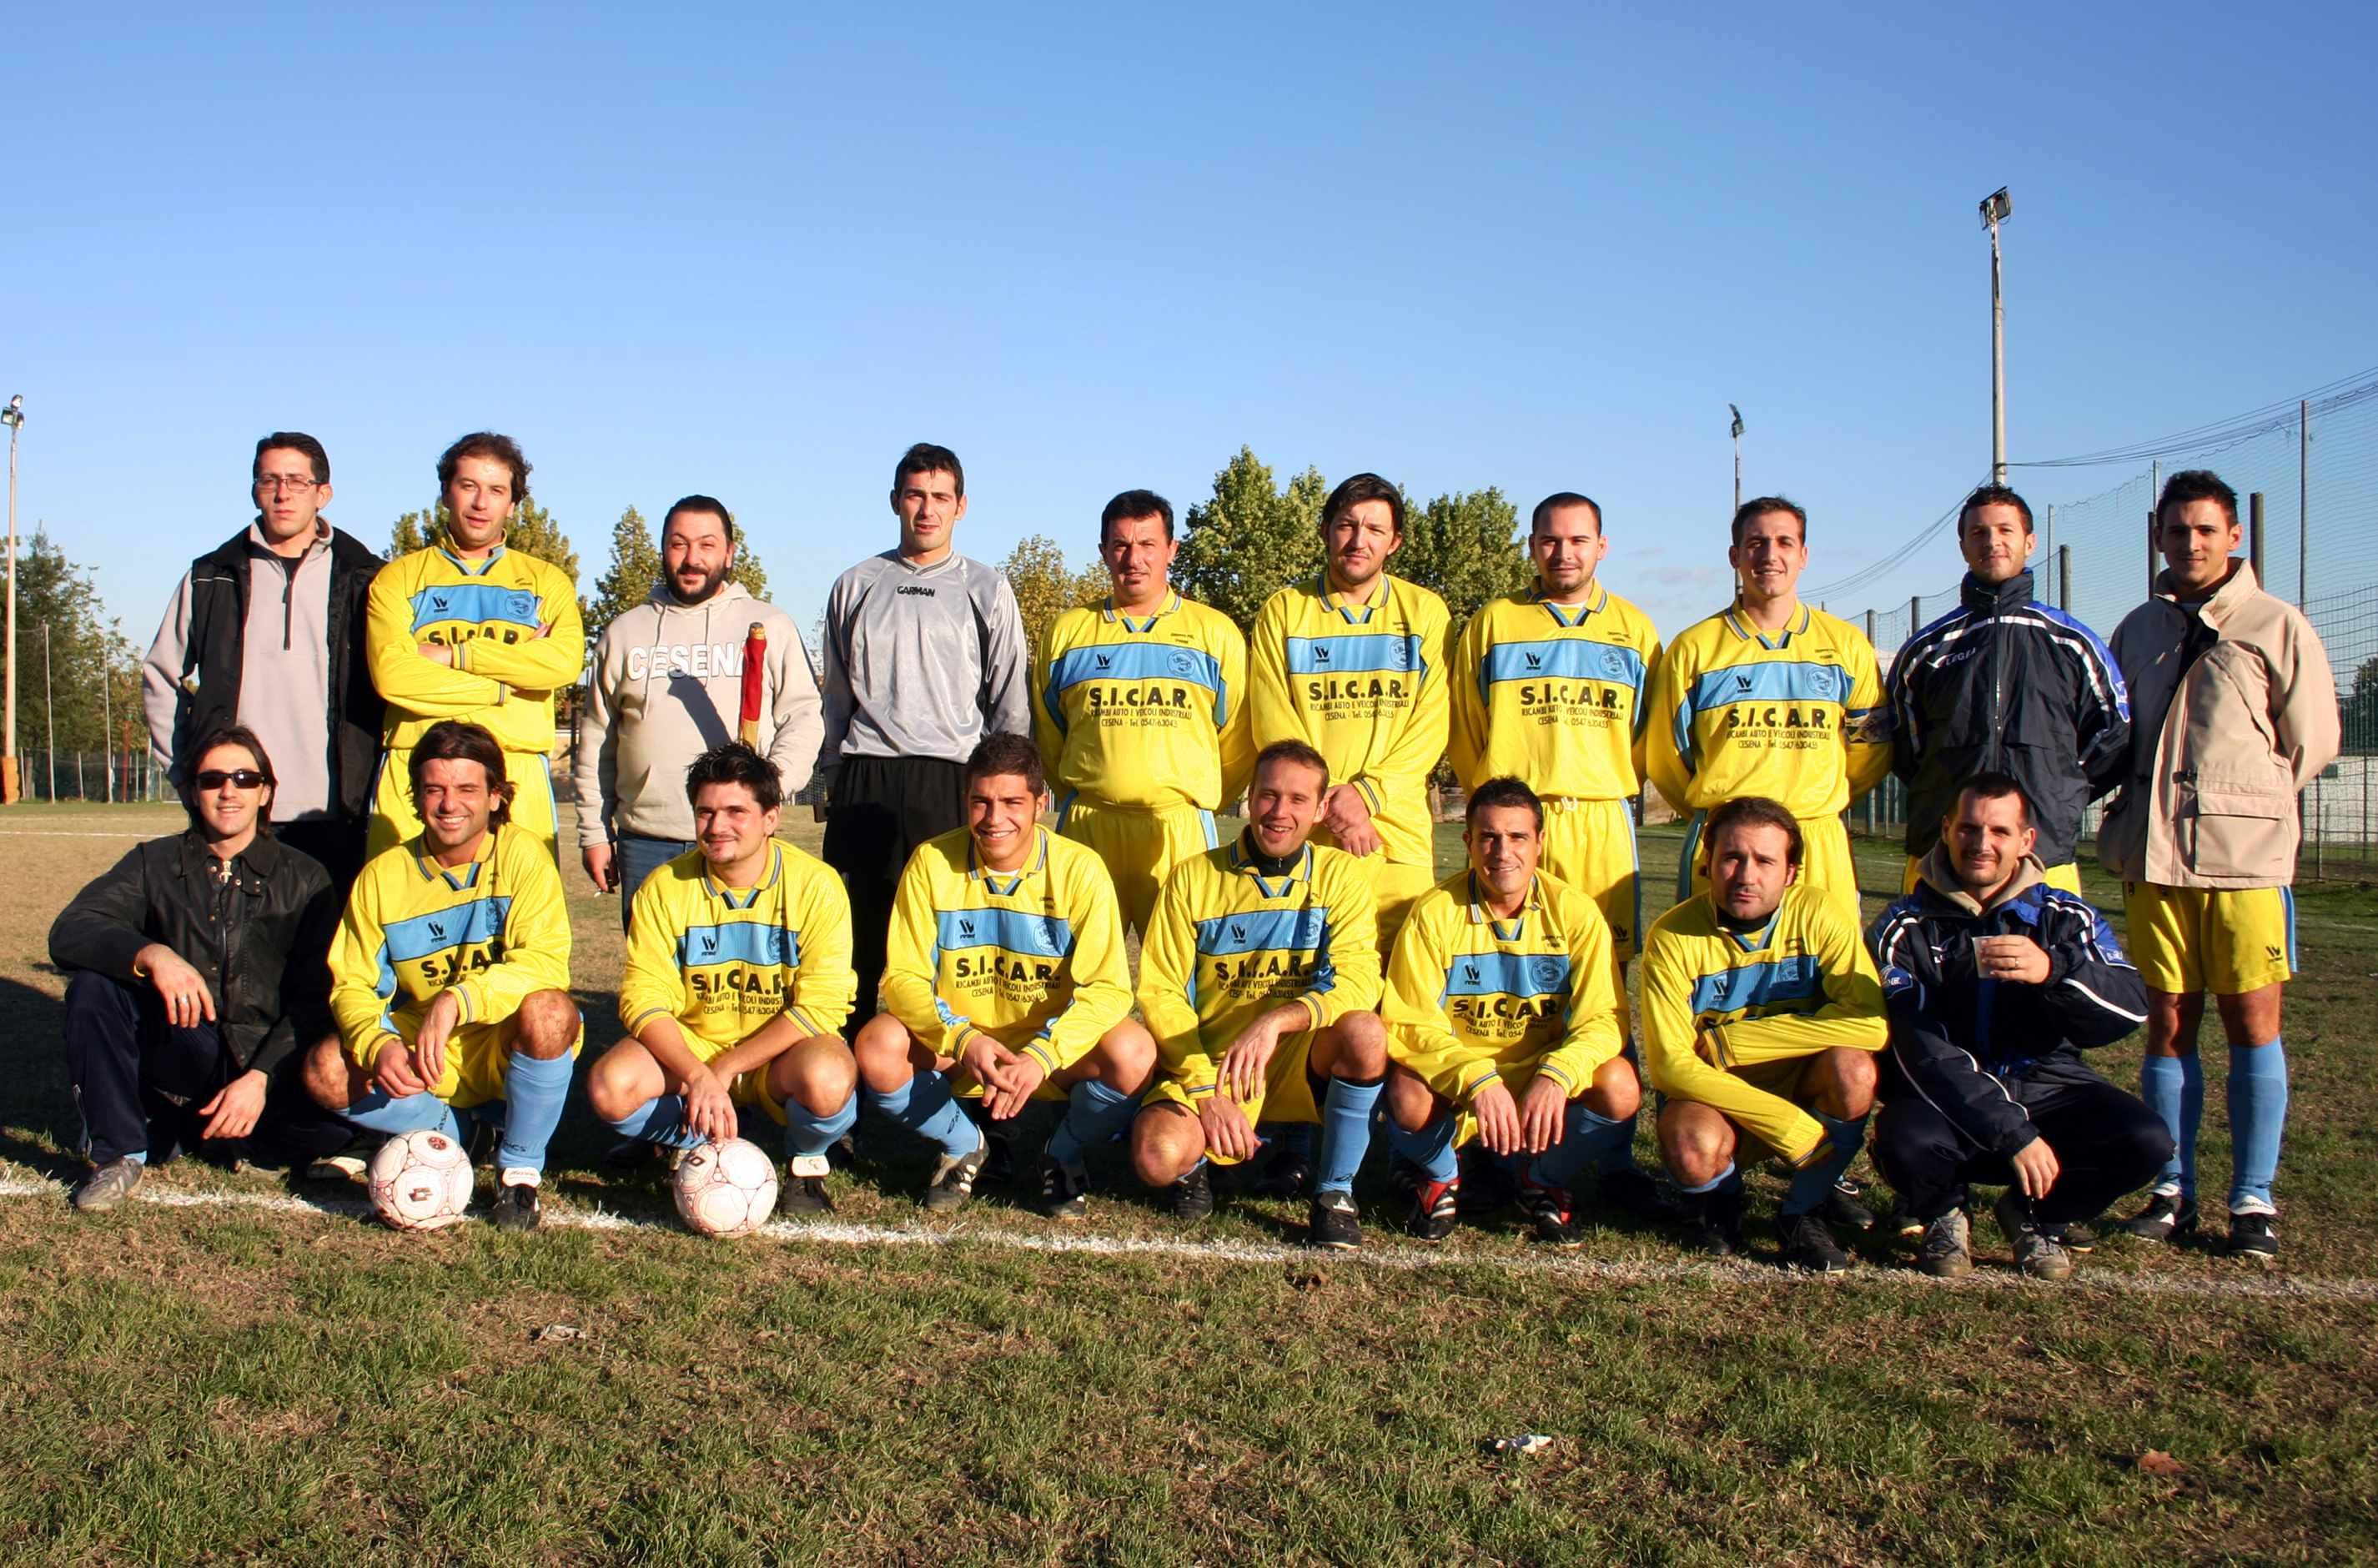 Centro Sportivo Italiano - Comitato di Cesena - home page